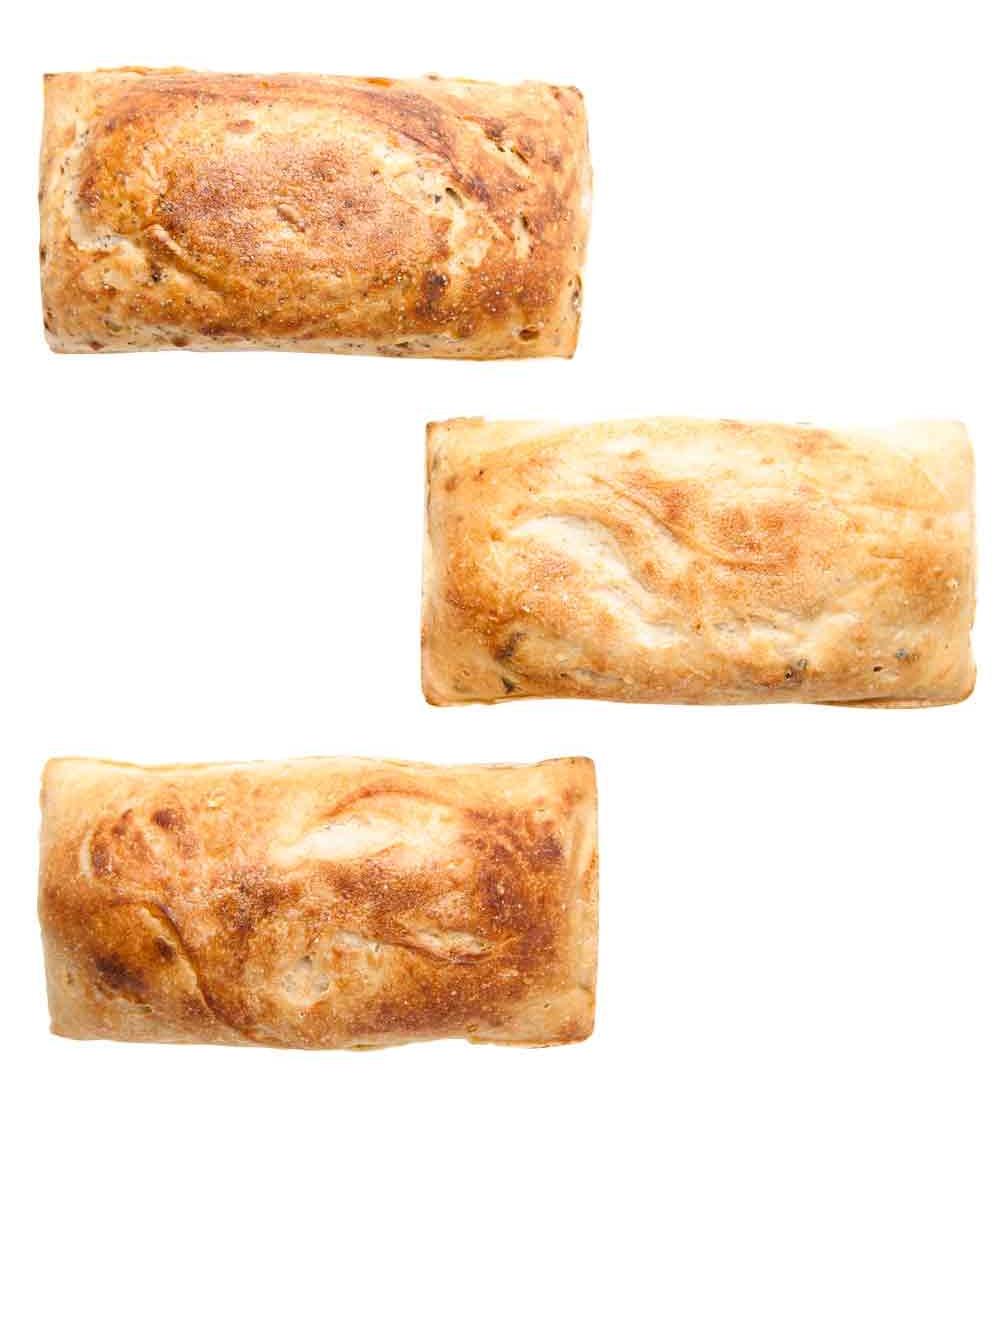 Bread_SRSLY_Loaves_Overhead.jpg